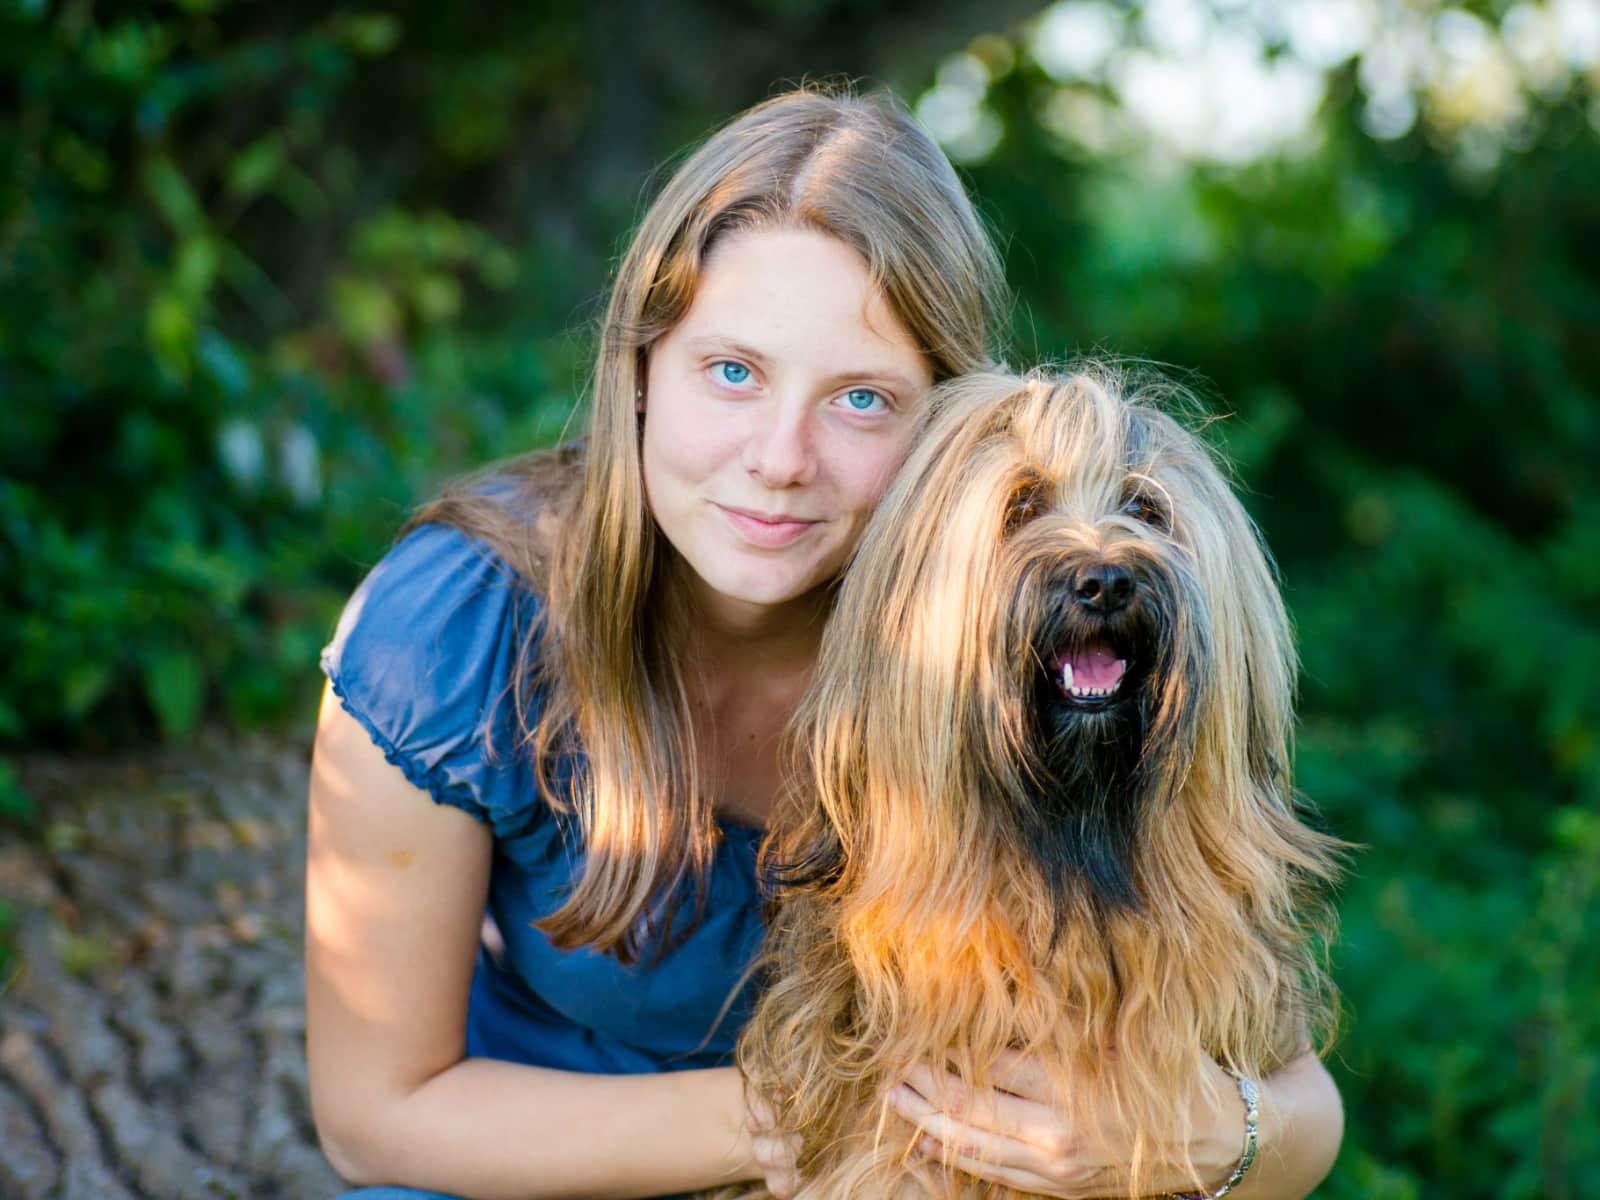 Stephanie from Emmendingen, Germany